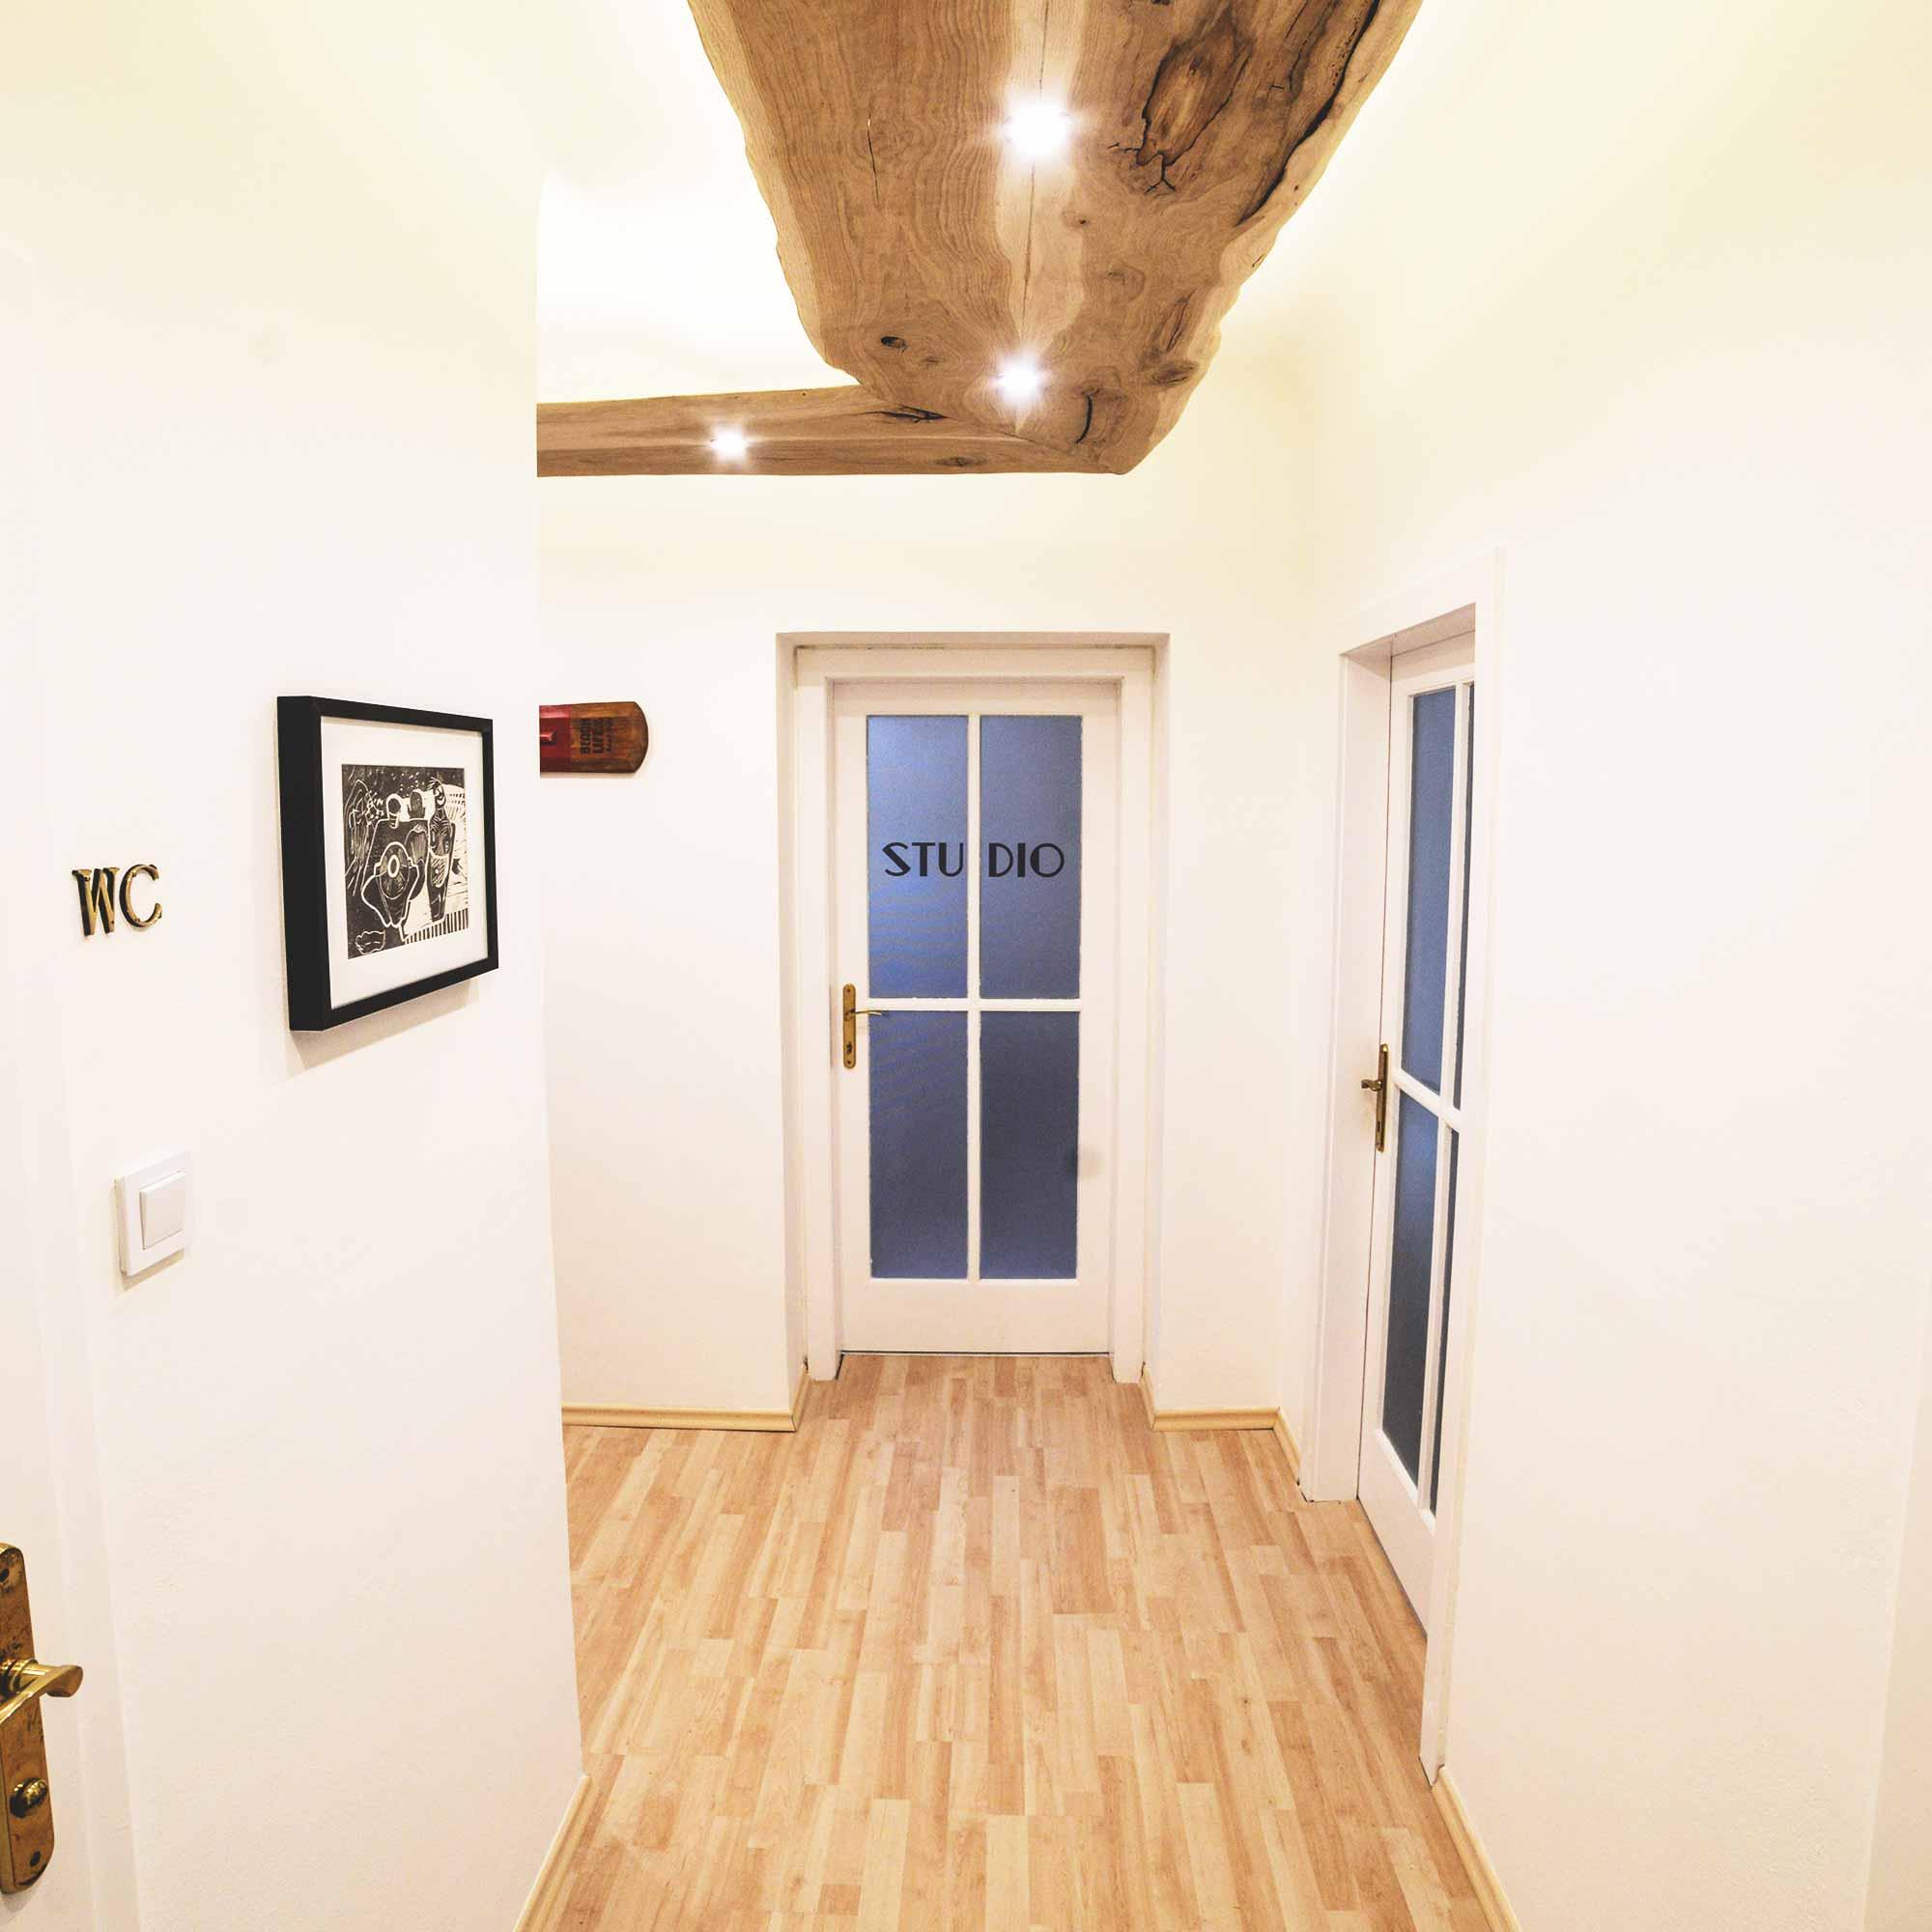 Eingangsbereich des Büros mit Holzboden und Deckenlampe aus Holz